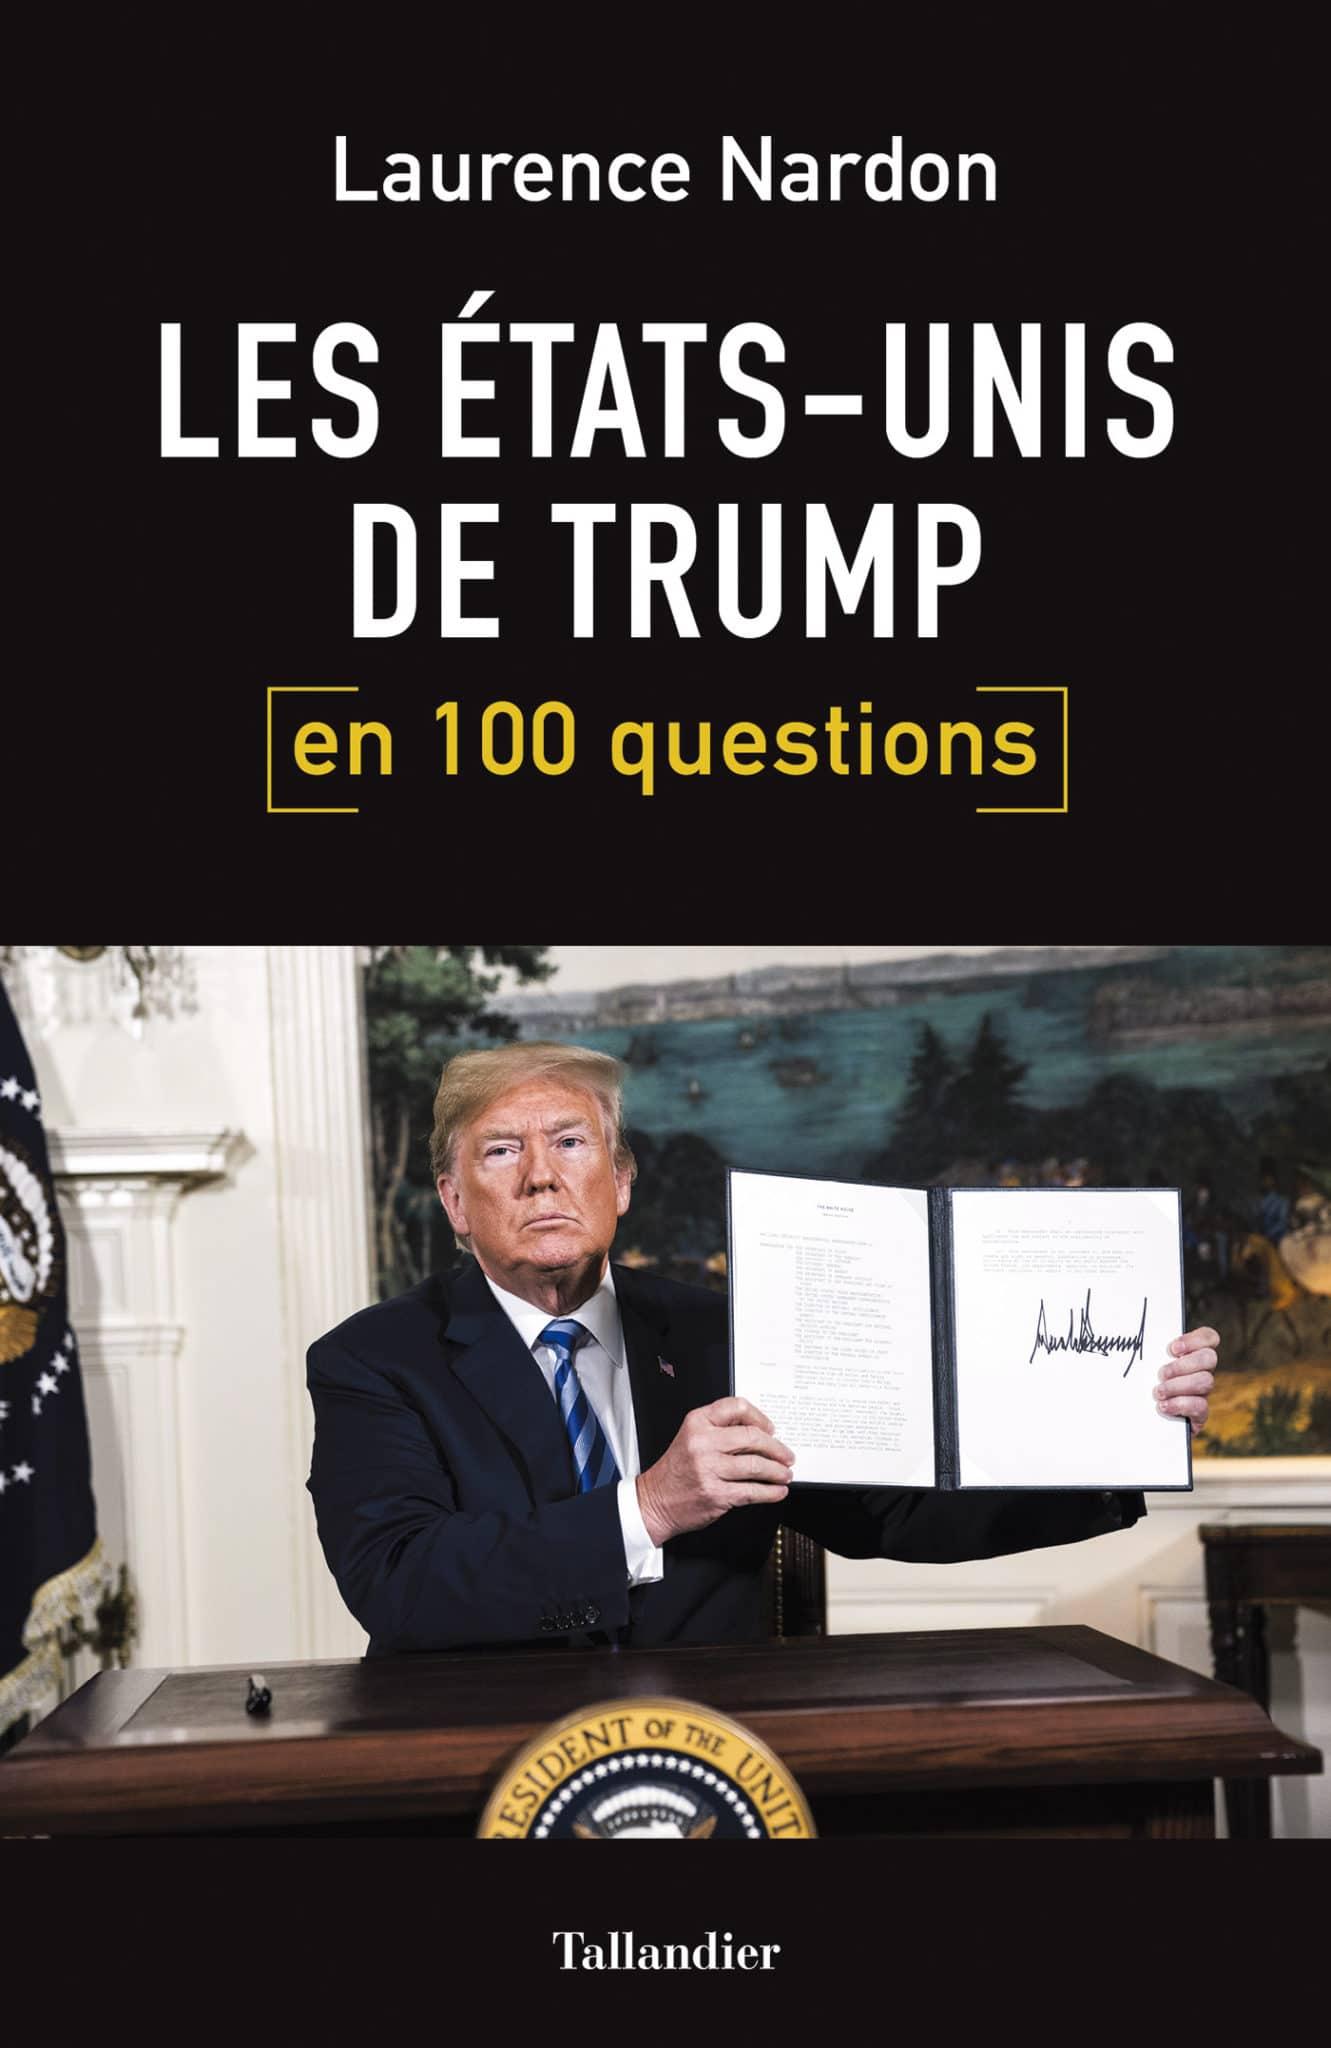 9791021033504_LES ETATS_UNIS_DE_TRUMP_EN _100_questions_Nardon